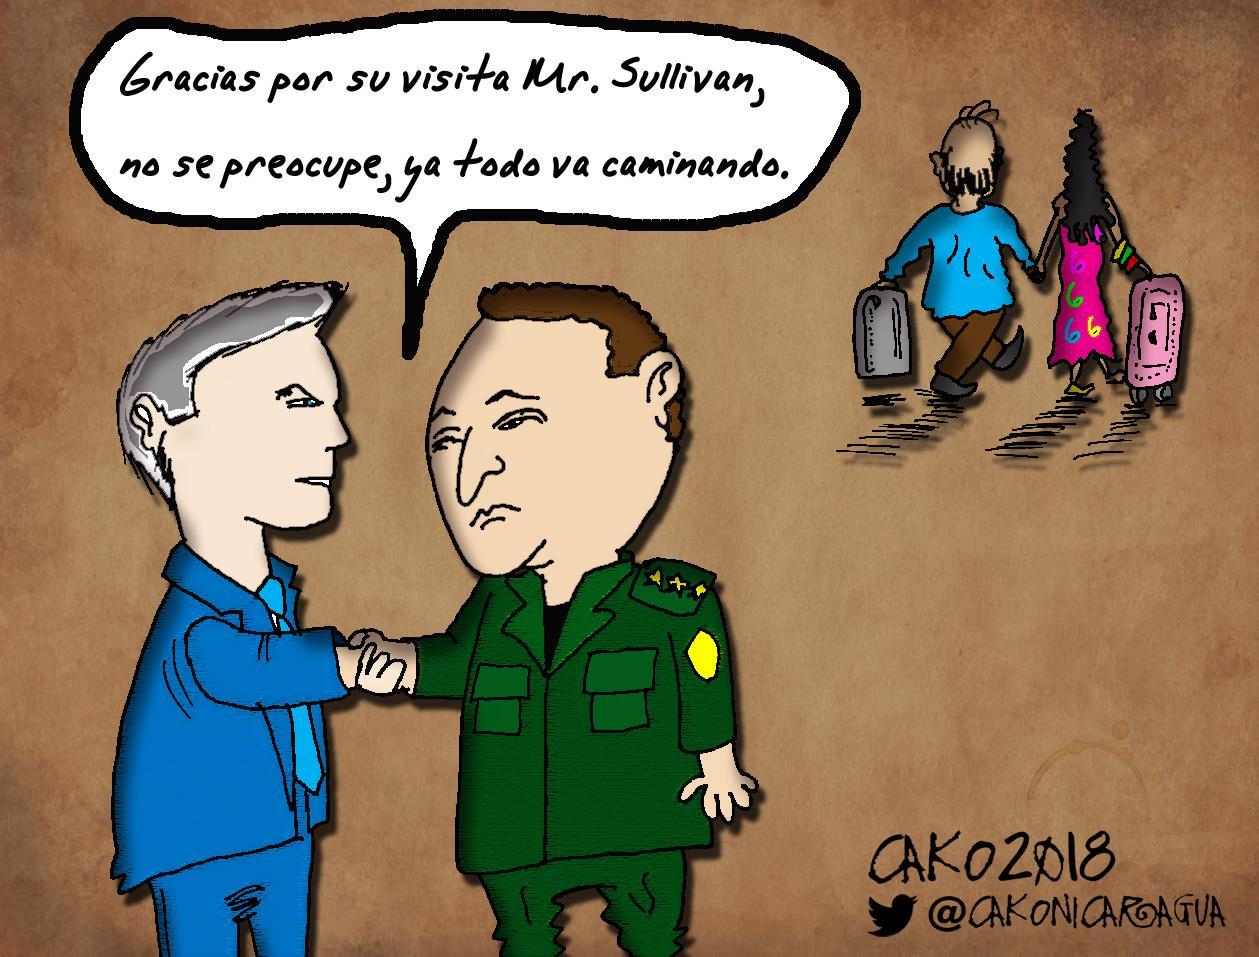 Esta obra llega gracias a la cortesía de don CaKo, caricaturista de Artículo 66.